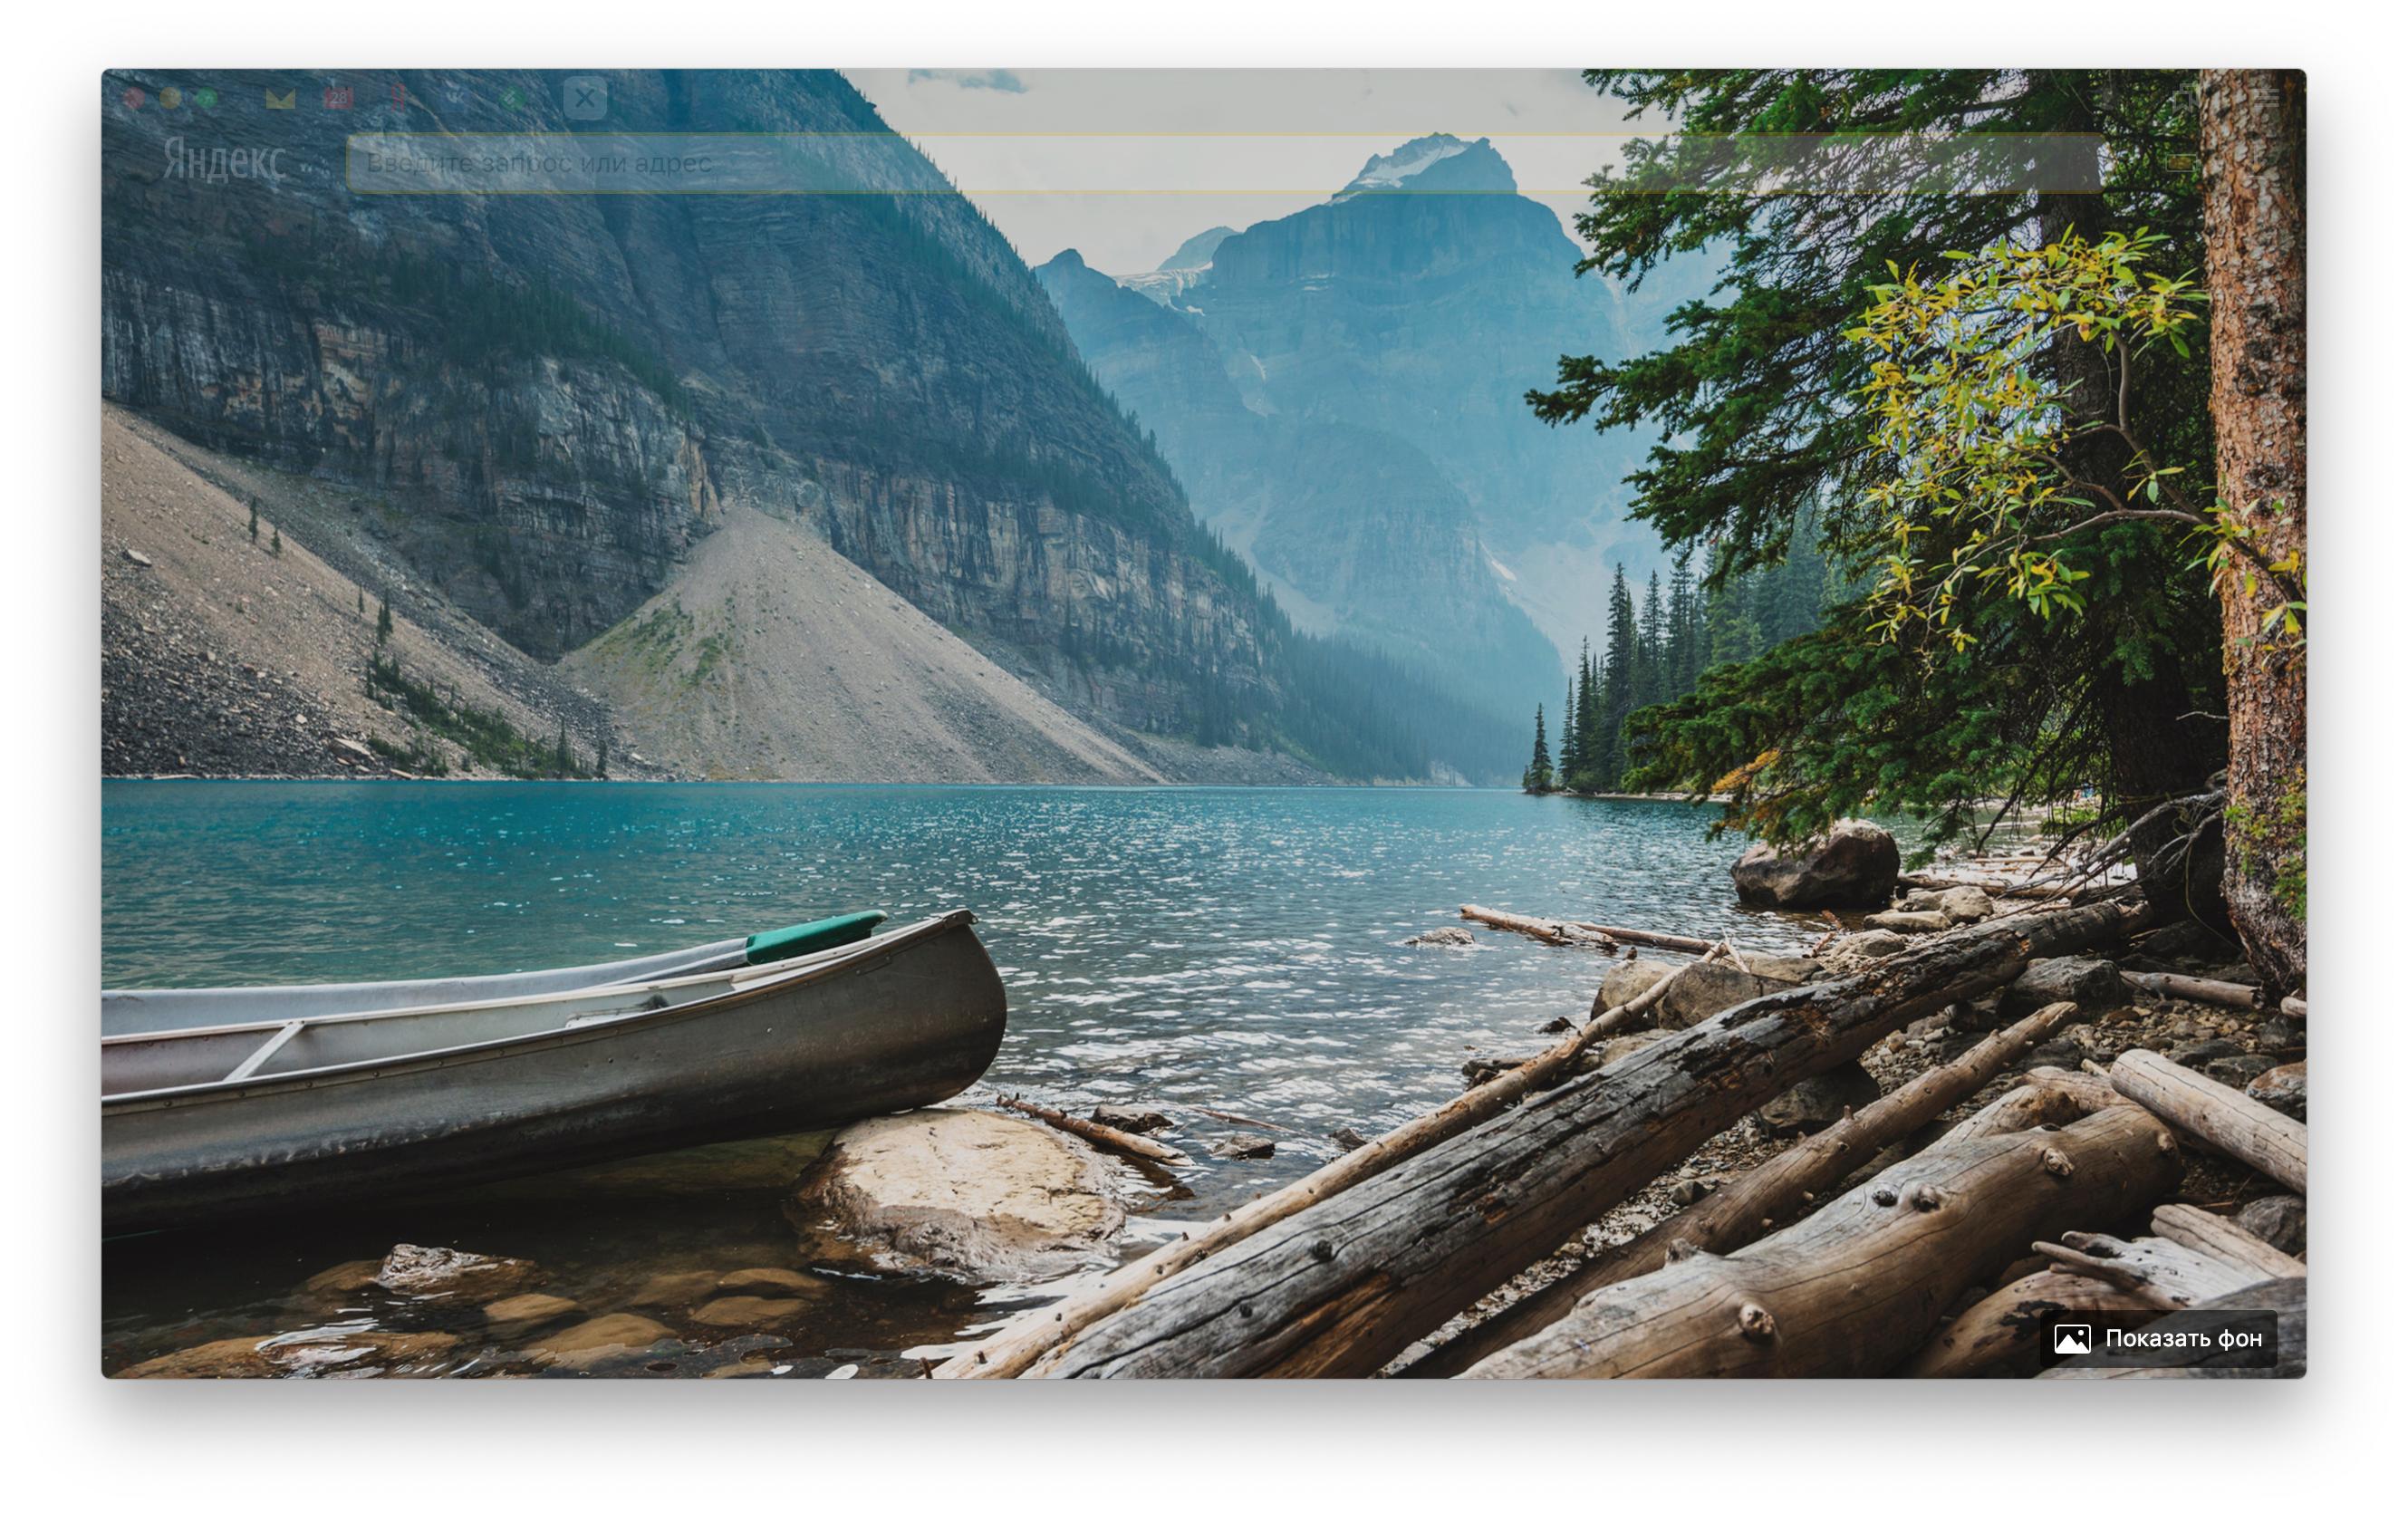 fb6b1572 Мы регулярно пополняем галерею фонов Яндекс.Браузера, в которой уже сейчас  можно найти сотни изображений и десятки красочных видеофонов.